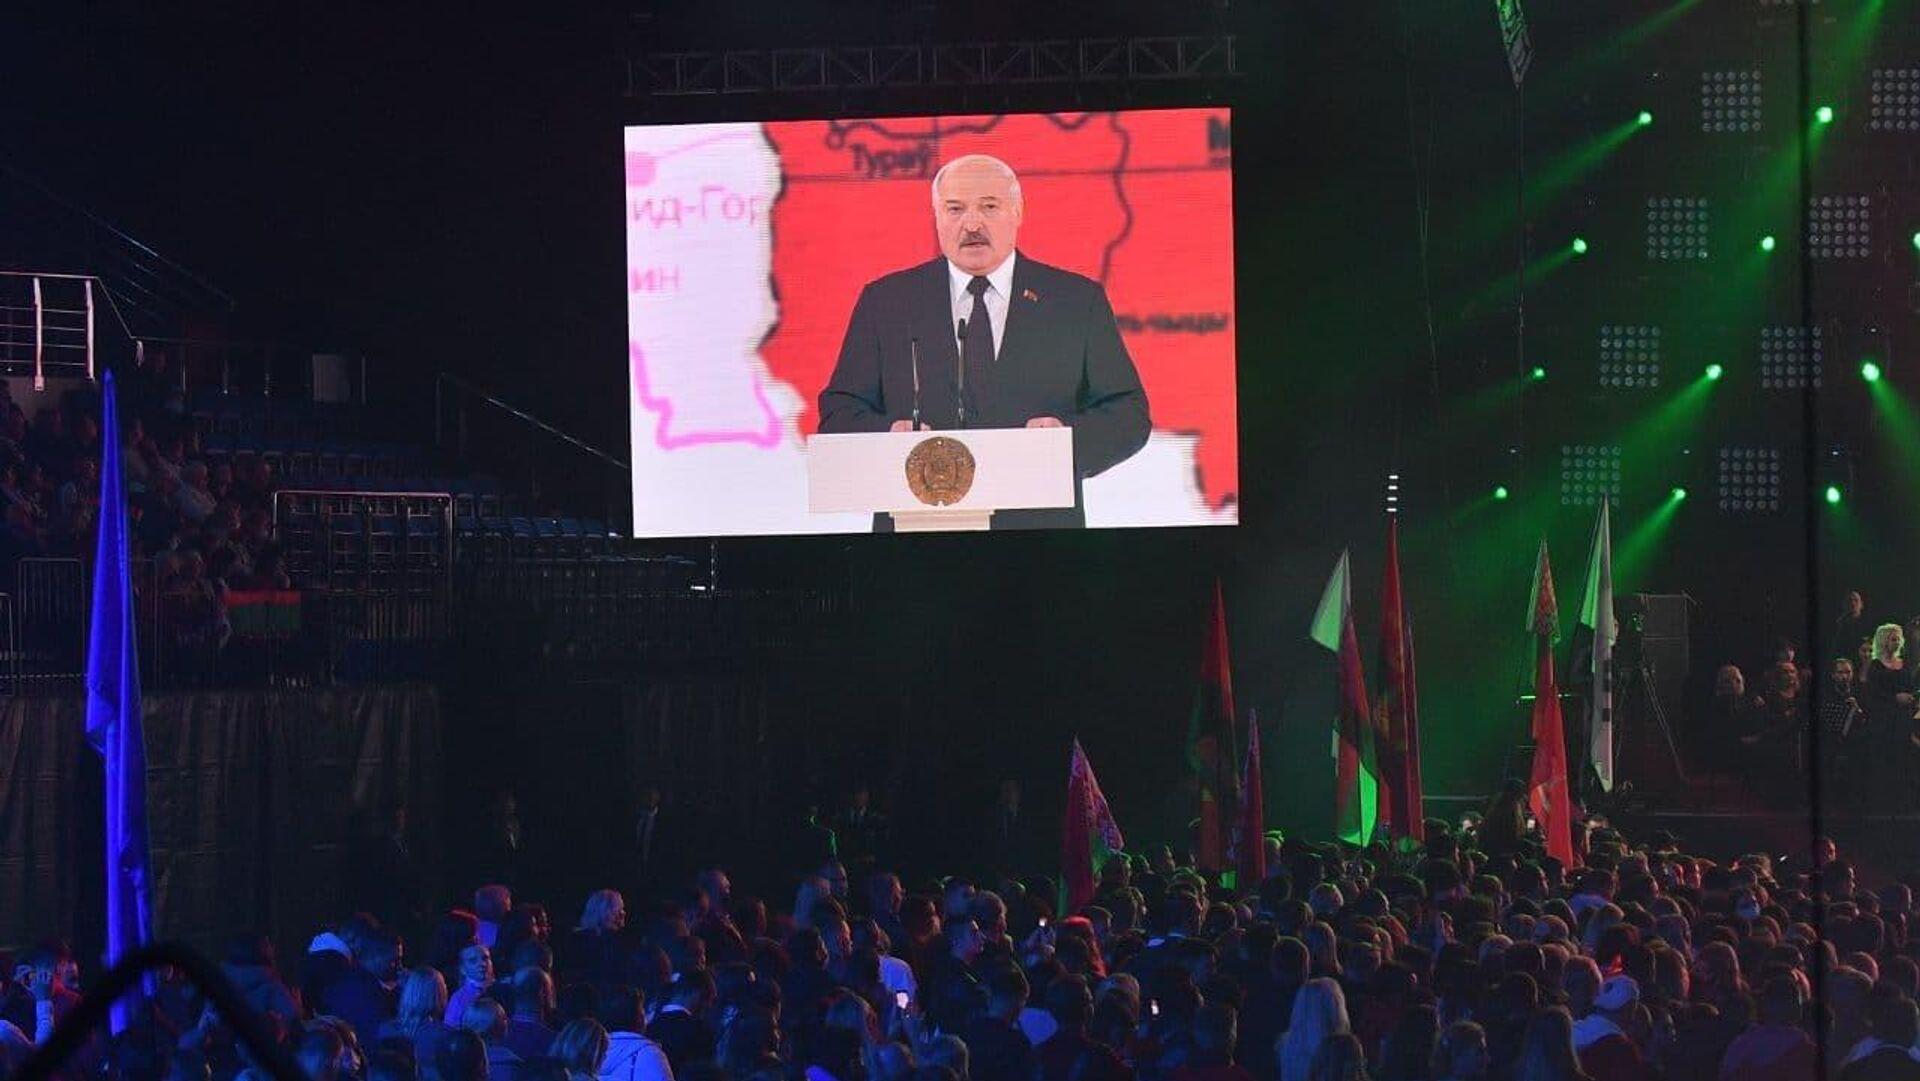 Лукашенко выступает на празднике в День народного единства - Sputnik Беларусь, 1920, 17.09.2021